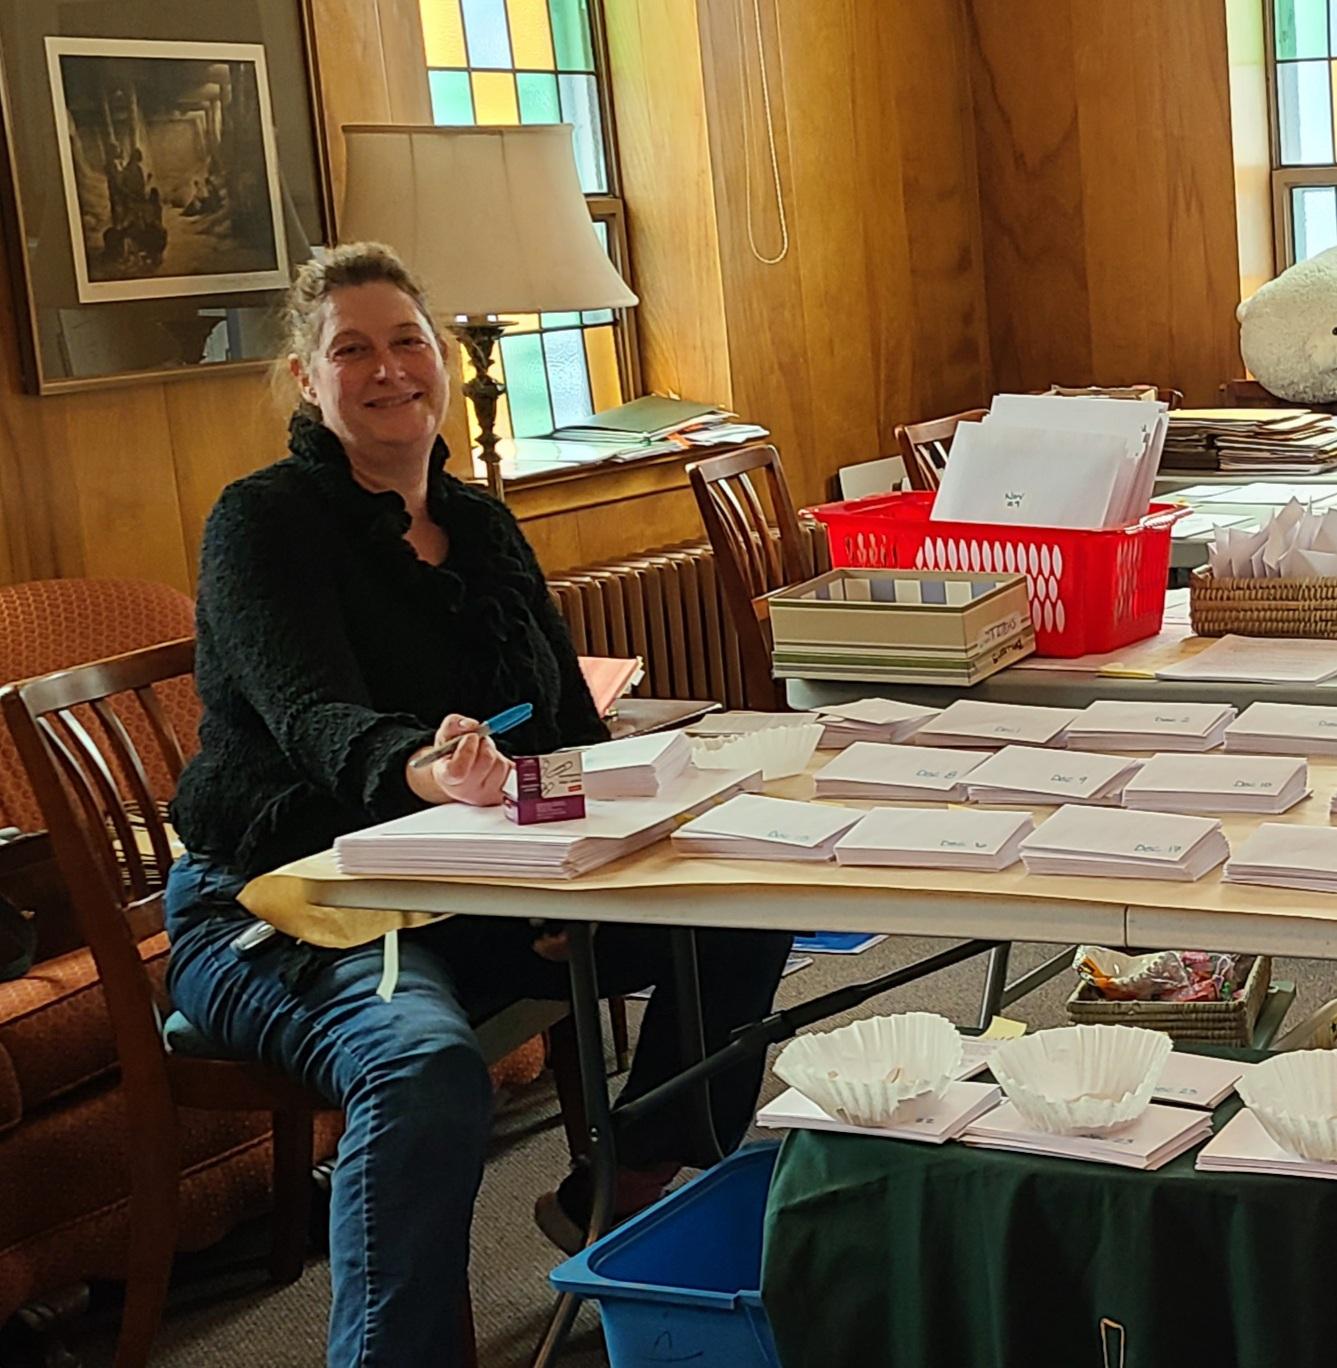 Tina prepares for Advent Event